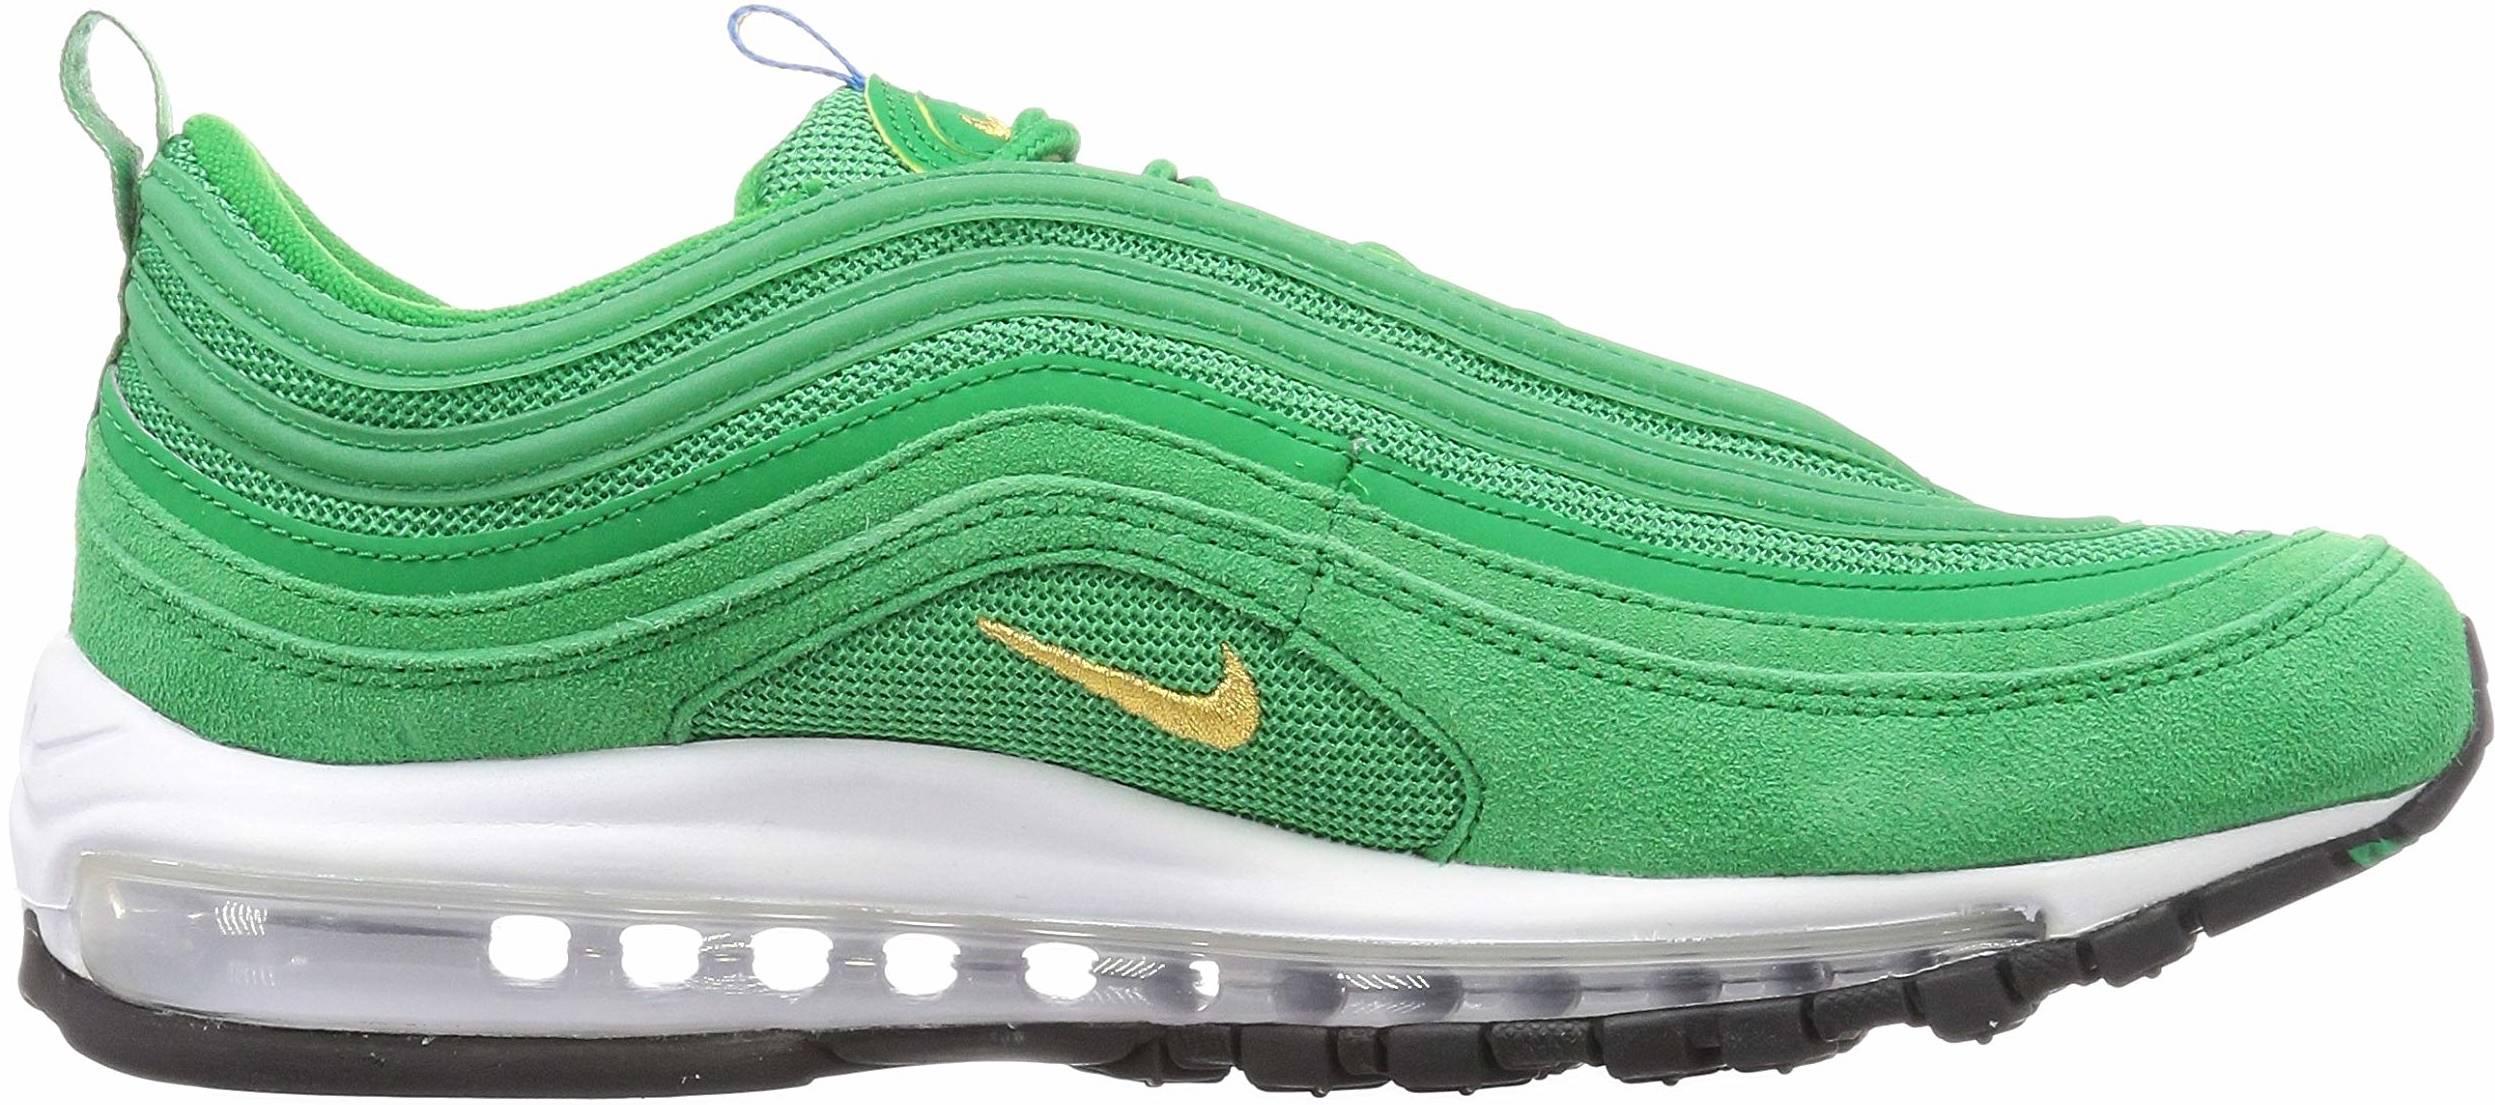 Nike Air Max 97 QS sneakers in 5 colors | RunRepeat